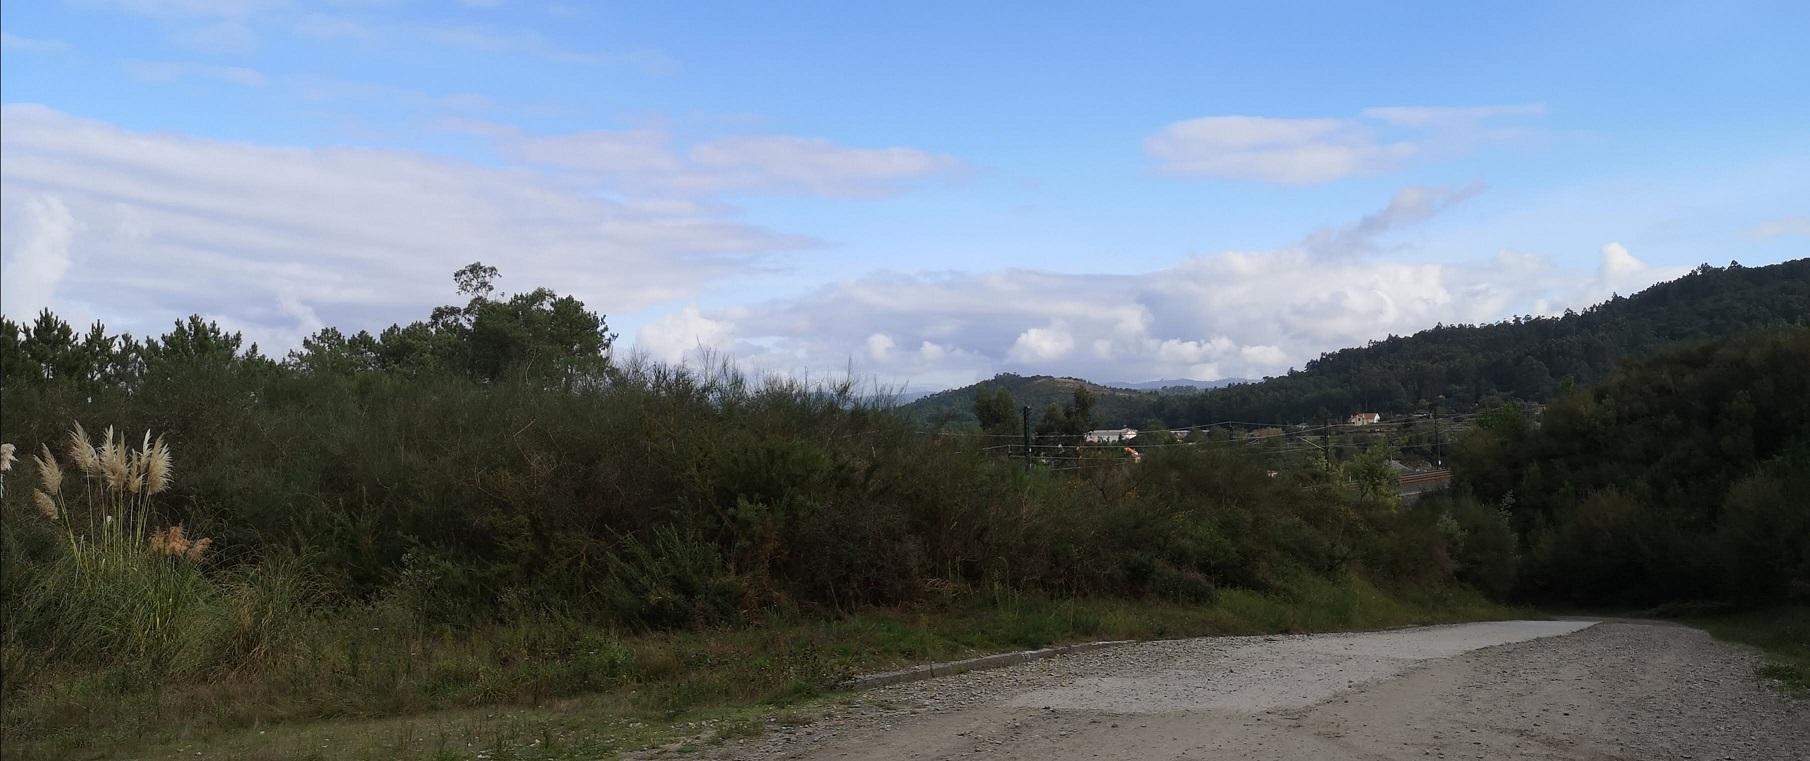 Herbon to Teo: Portuguese Camino